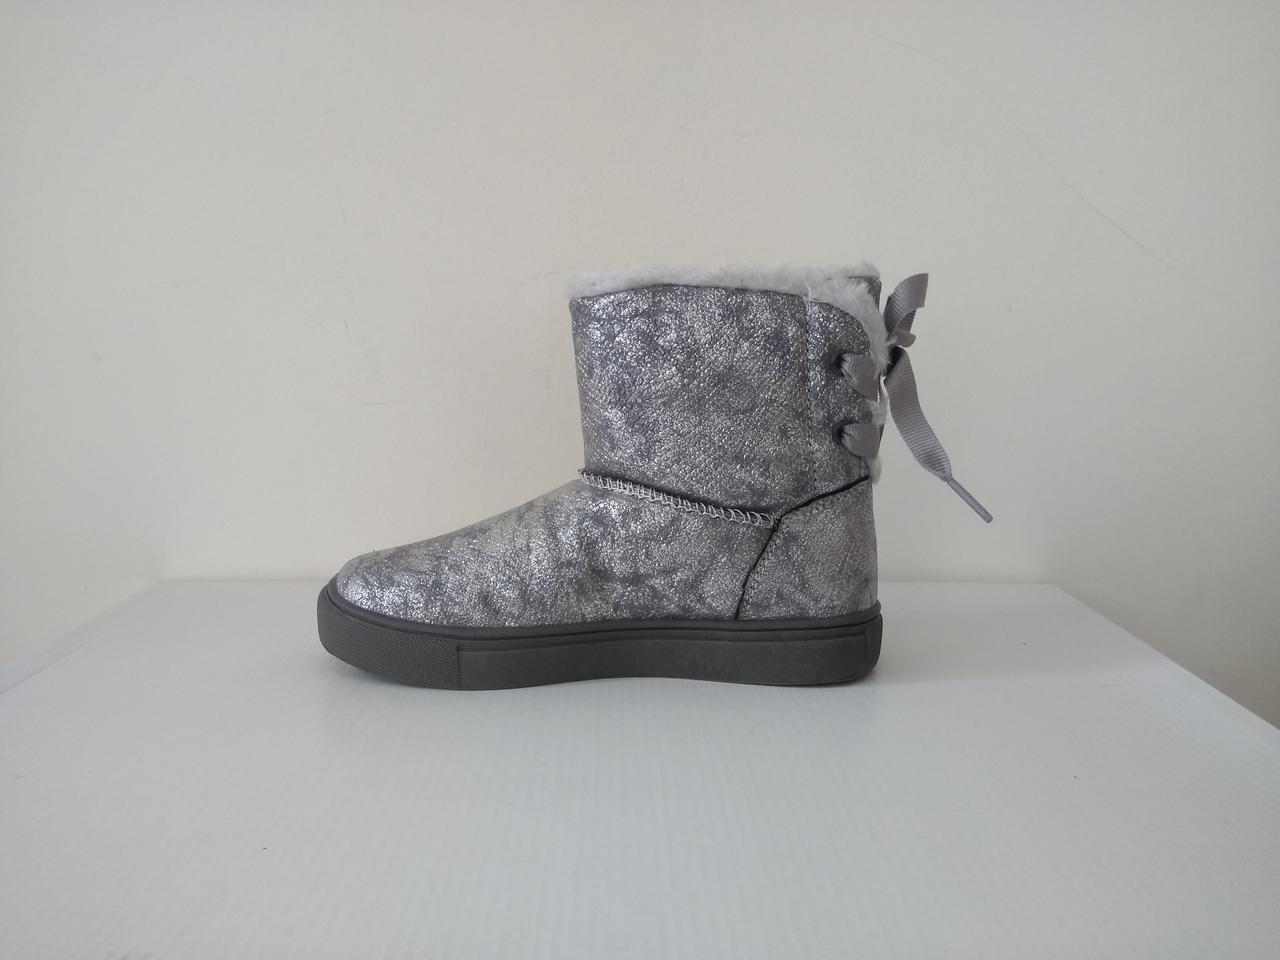 61a90f2cfb99 Сапожки зимние Friboo 30р. - Интернет-магазин брендовой детской обуви  SQShoes в Николаеве